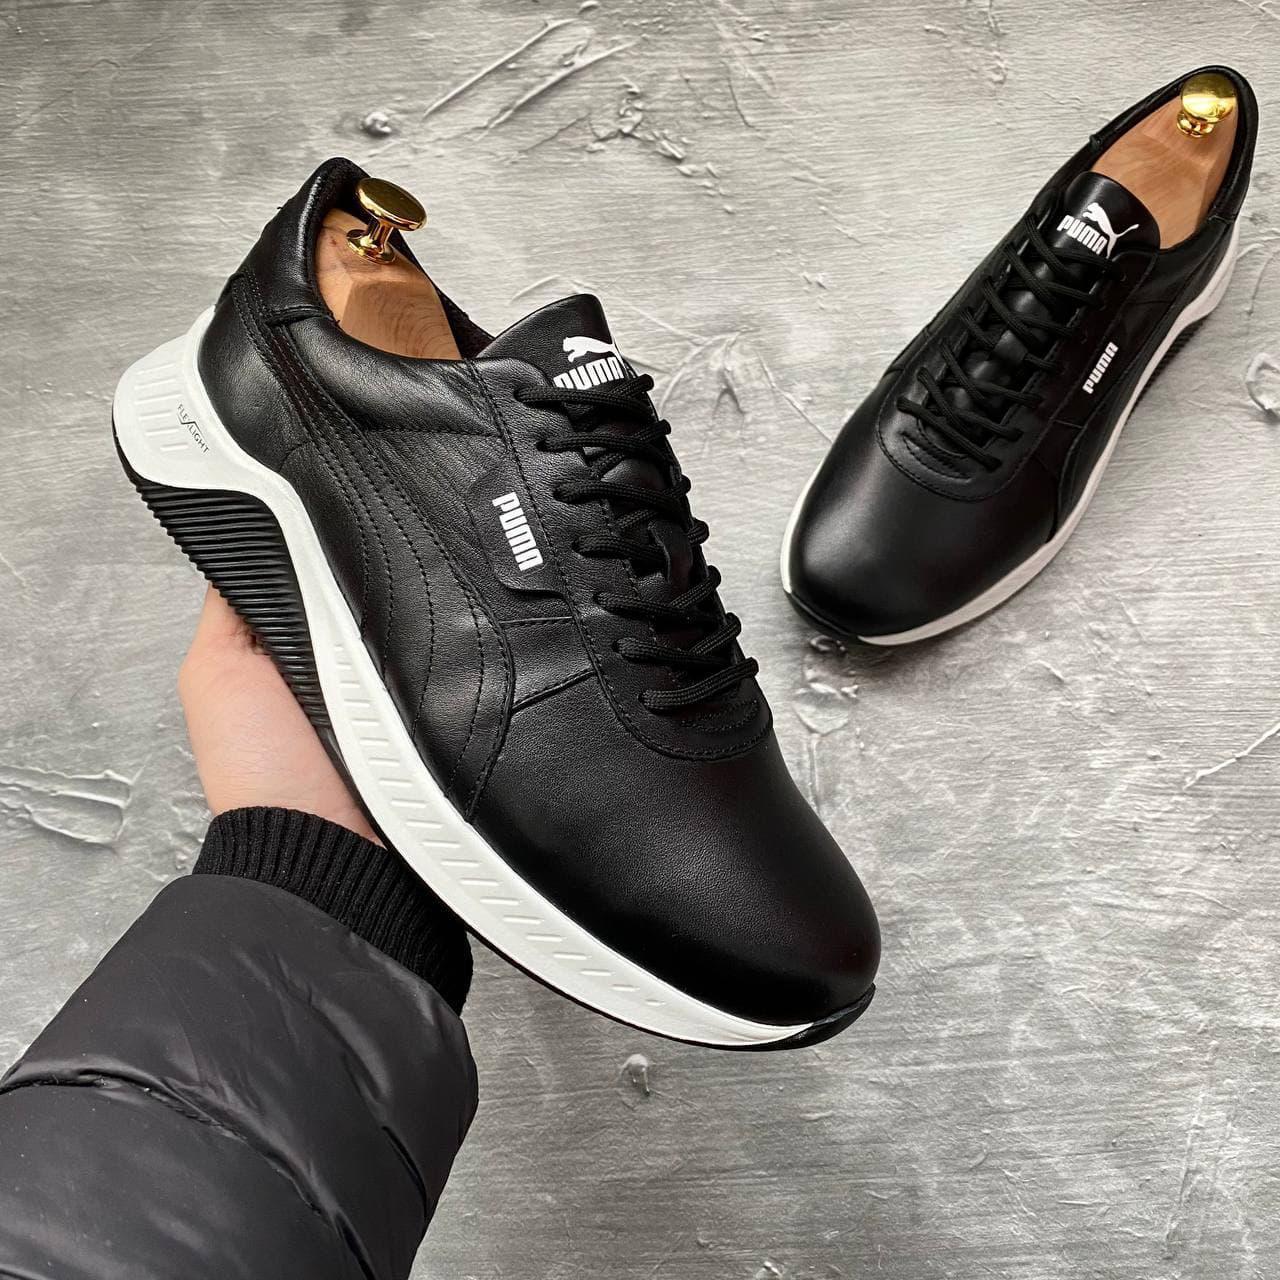 Кроссовки Puma кожаные Черные кеды Пума из натуральной кожи с кожаной подкладкой